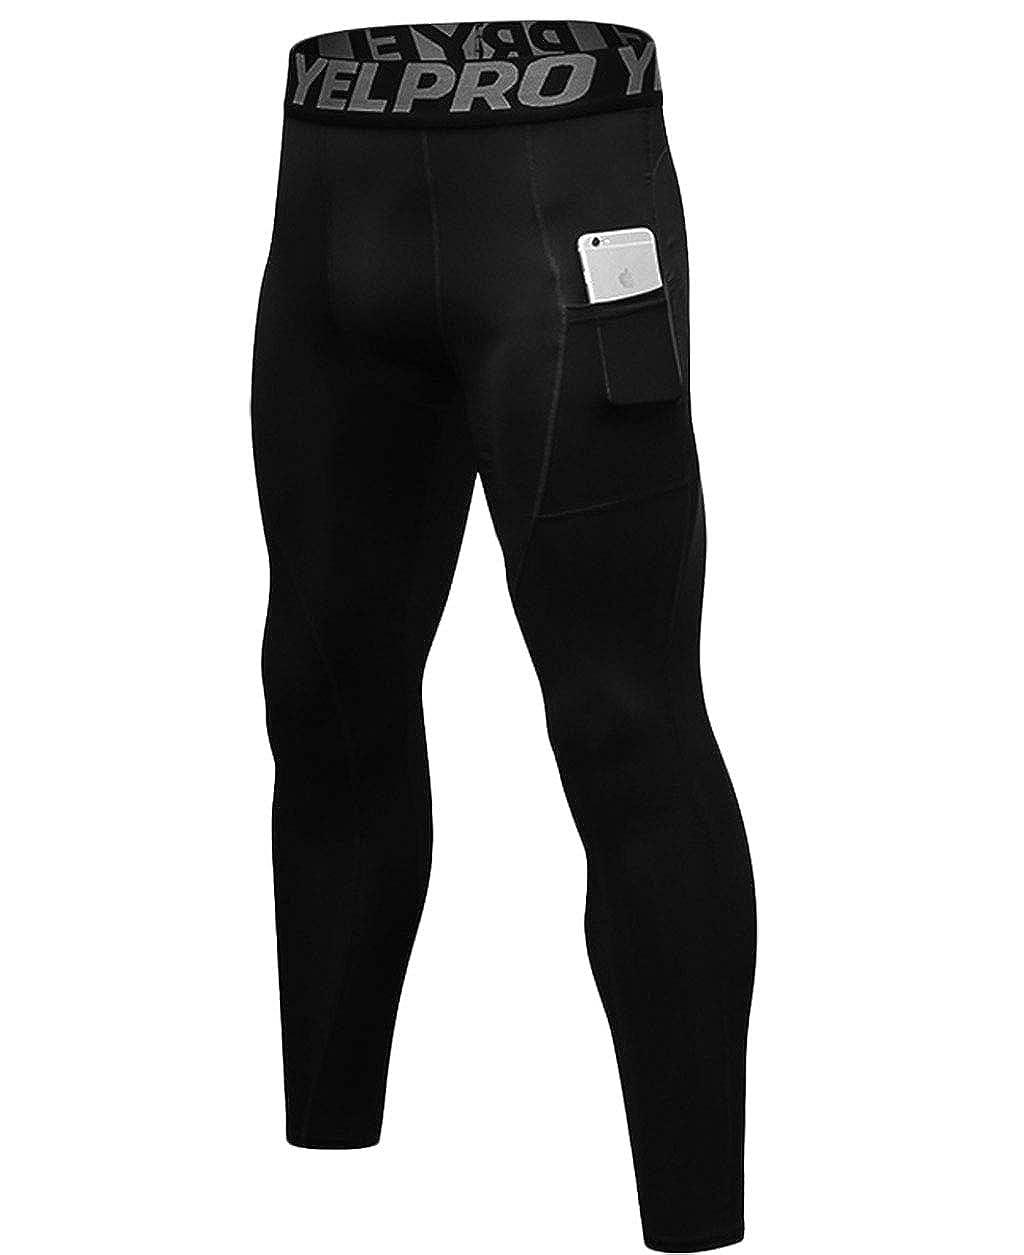 超格安一点 LANBAOSI PANTS S メンズ US B07LDZYTNM メンズ ブラック Fits Like US S, タトミチョウ:cf00e999 --- ballyshannonshow.com